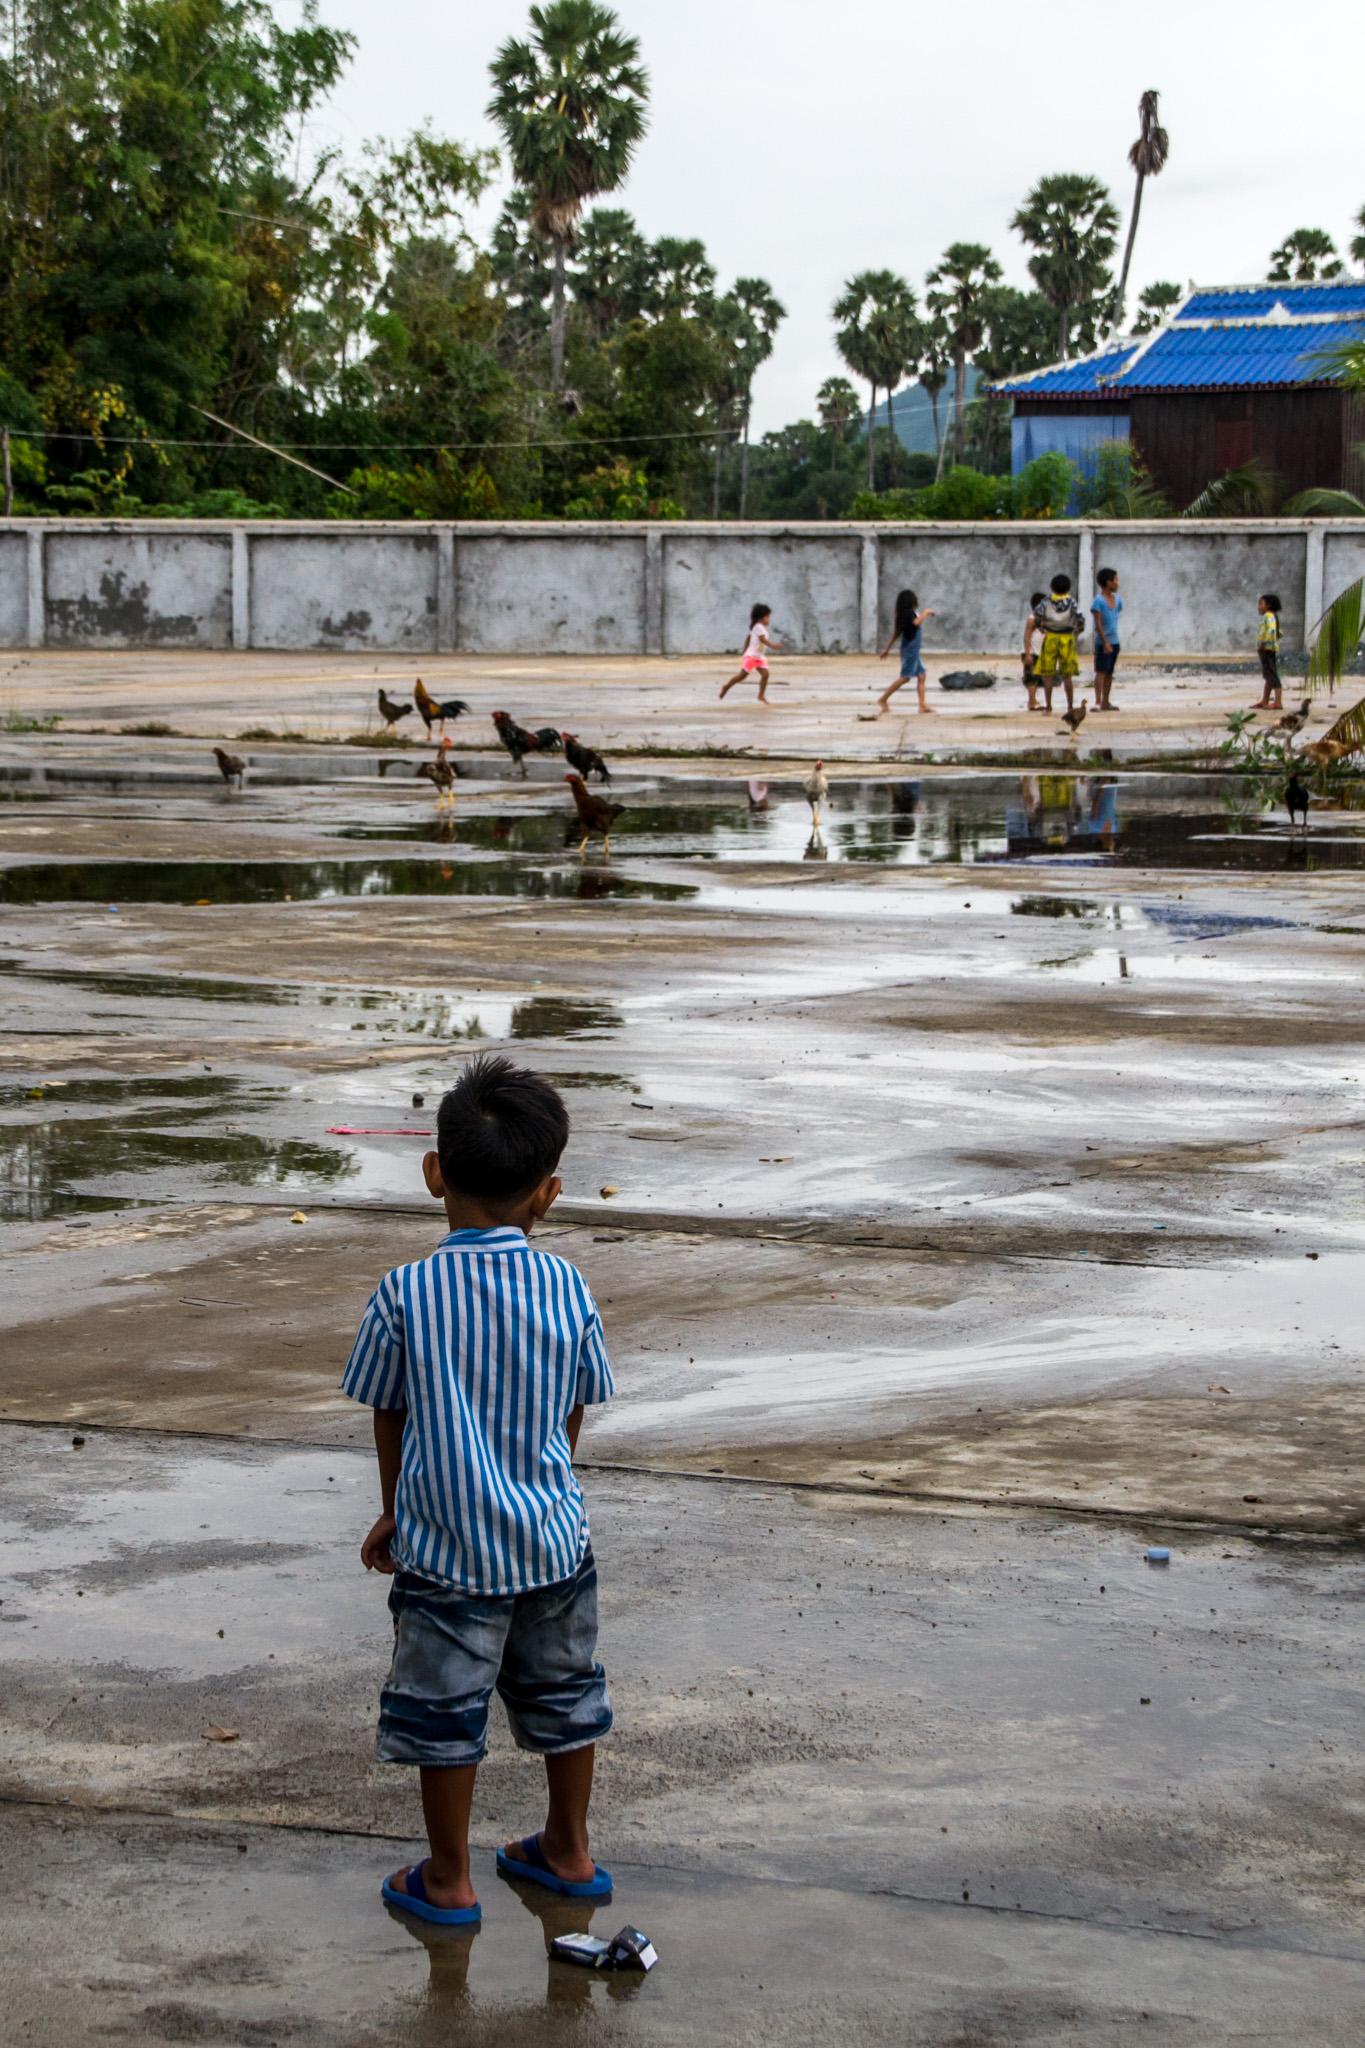 Lapsi Kambodzassa